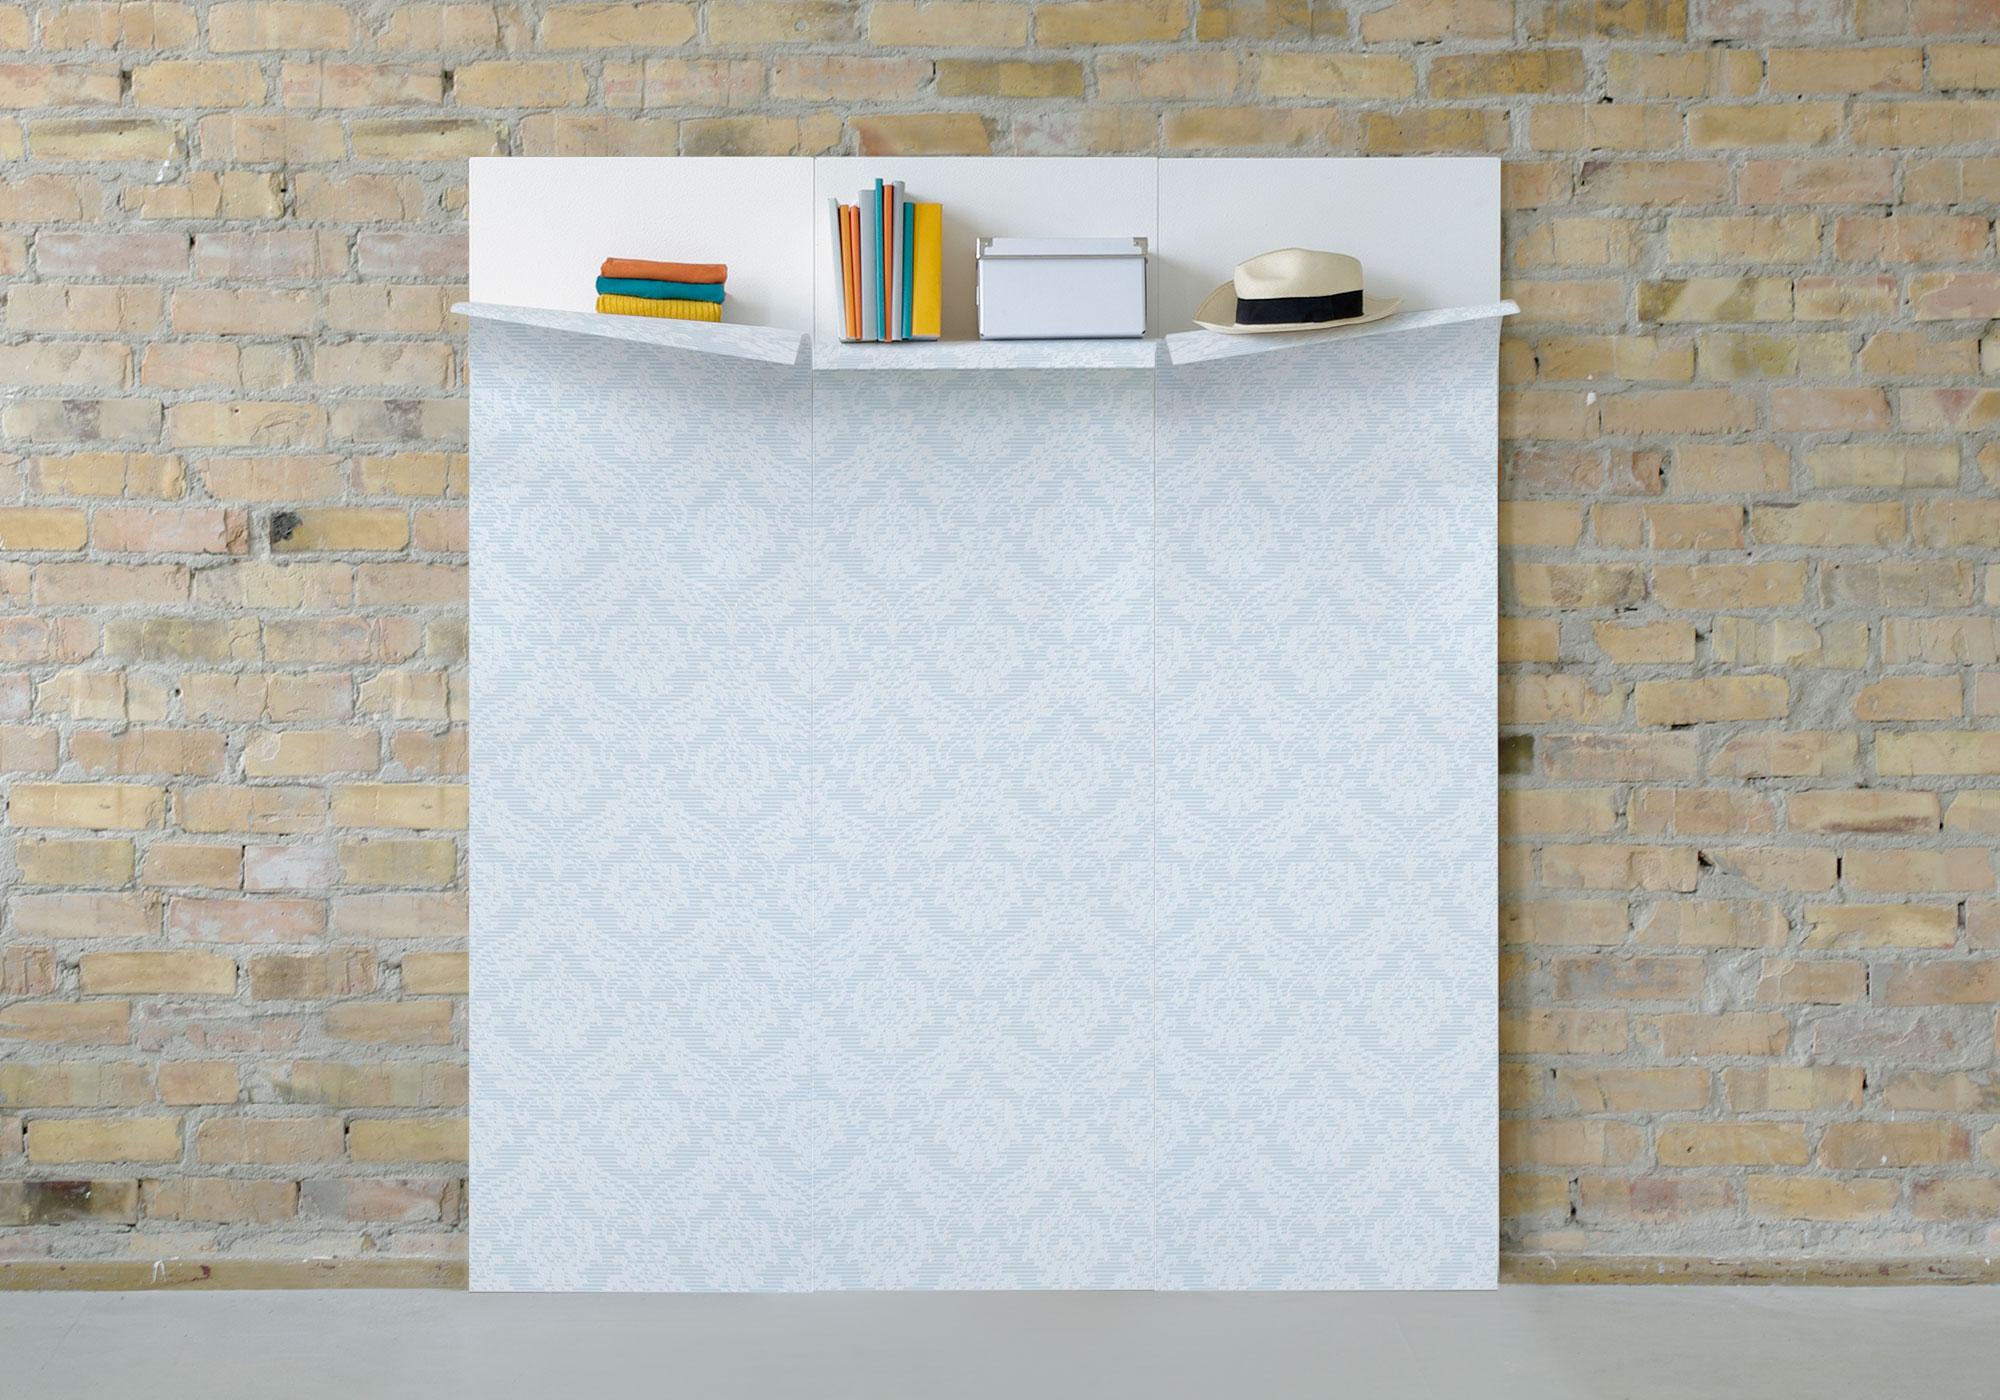 Die dreidimensionale Tapete kann als Ablagefläche unter der Raumdecke verwendet werden.